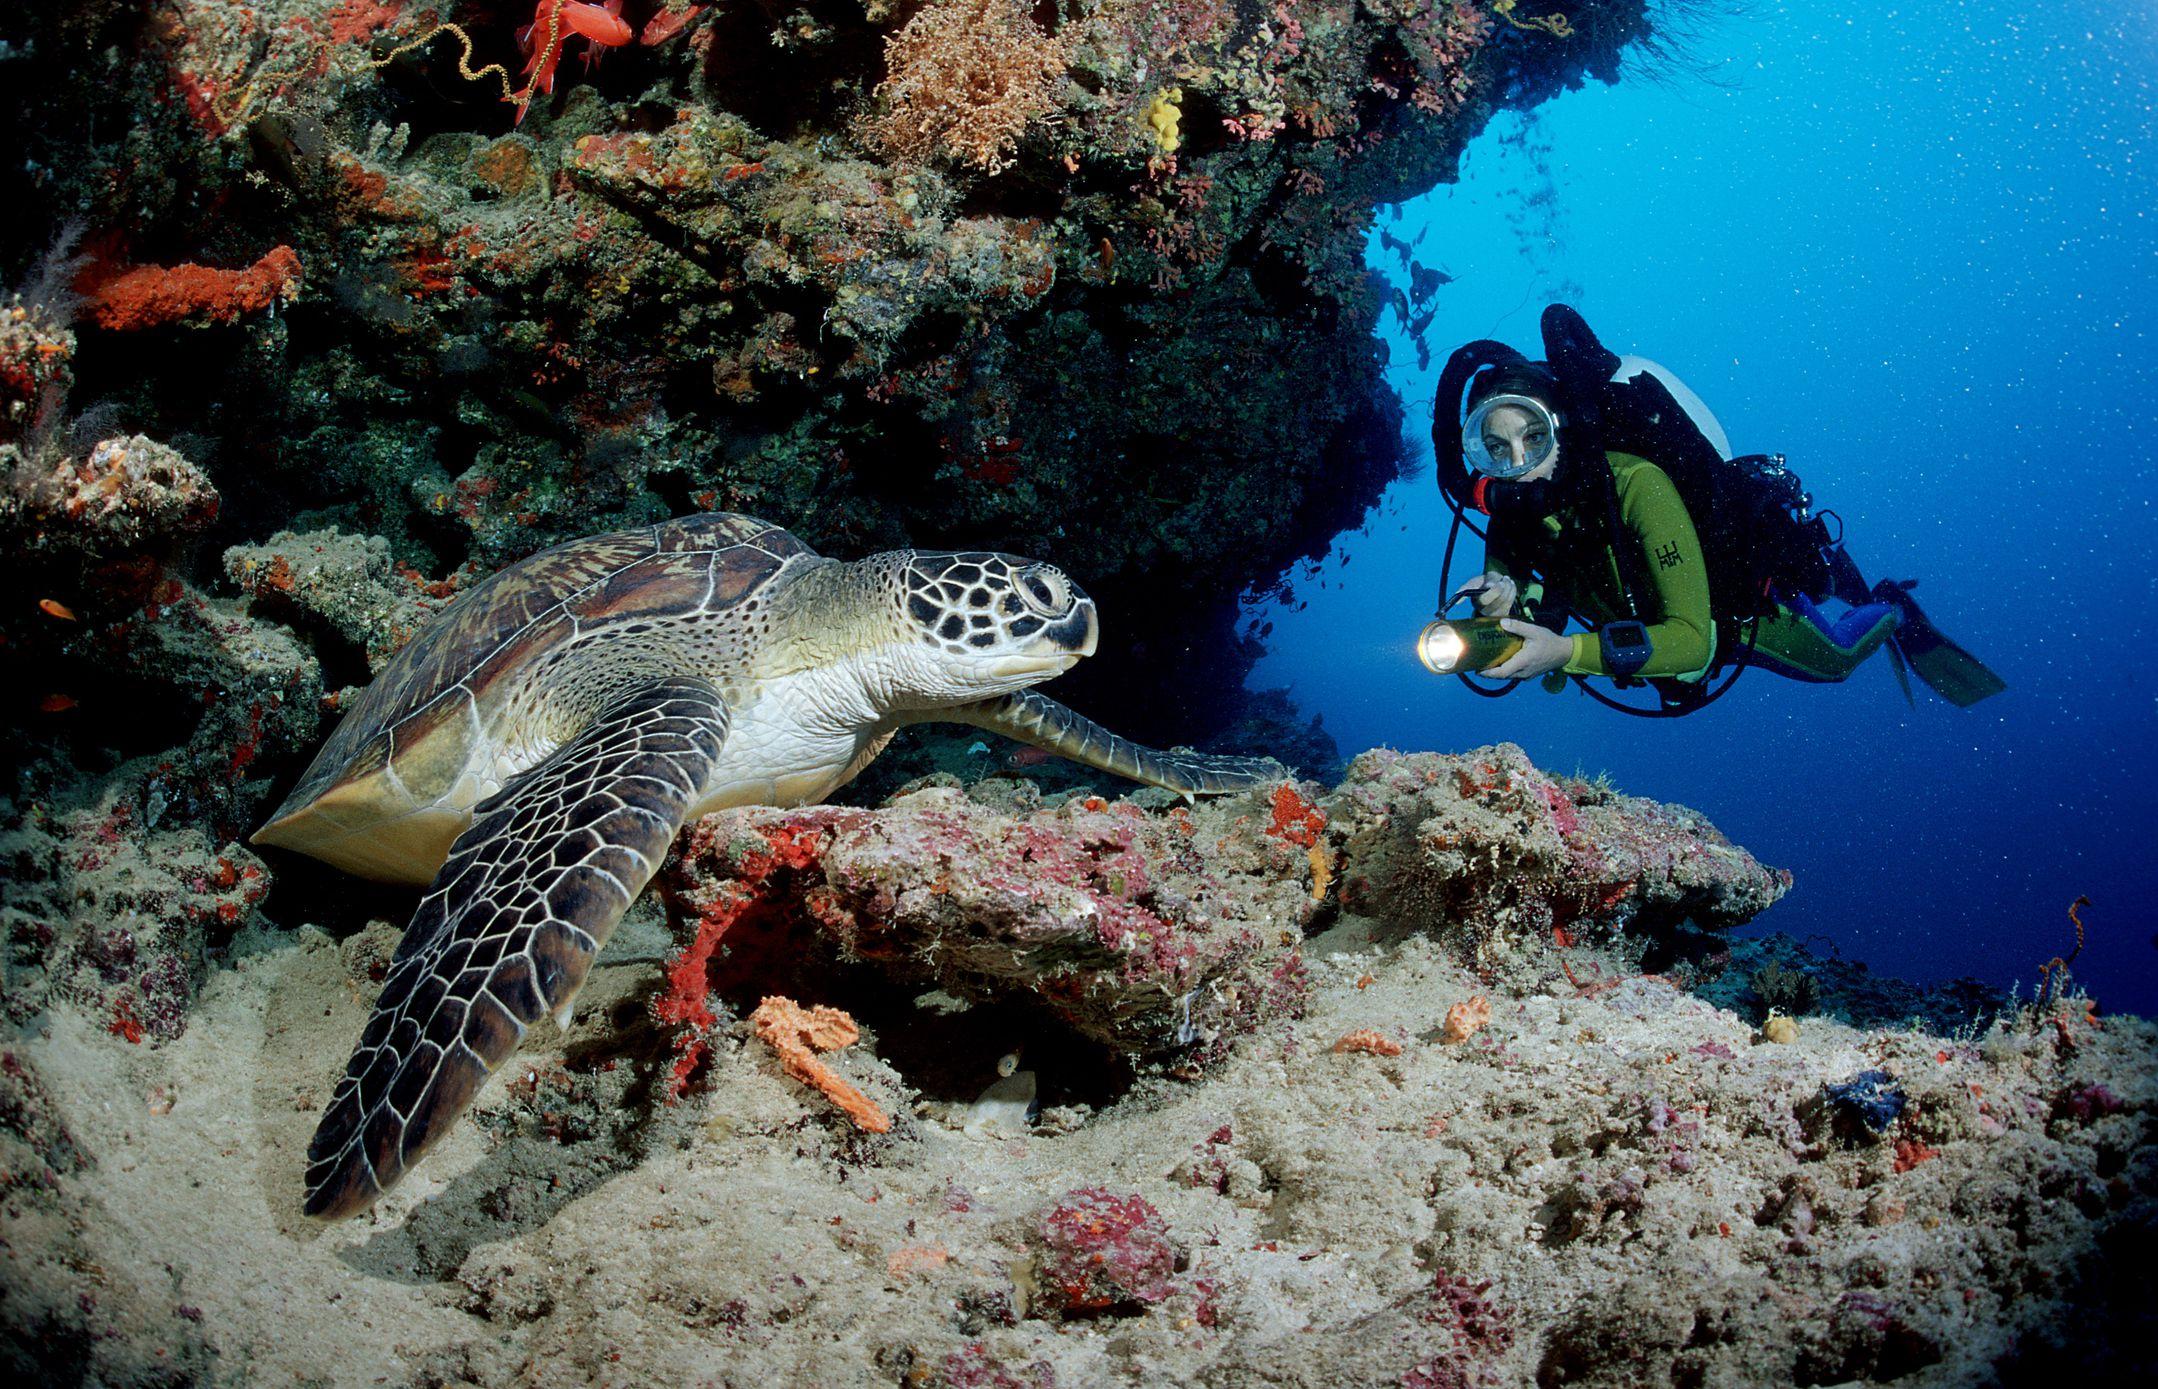 Green Turtle and scuba diver, Ari Atol, Maldives Island